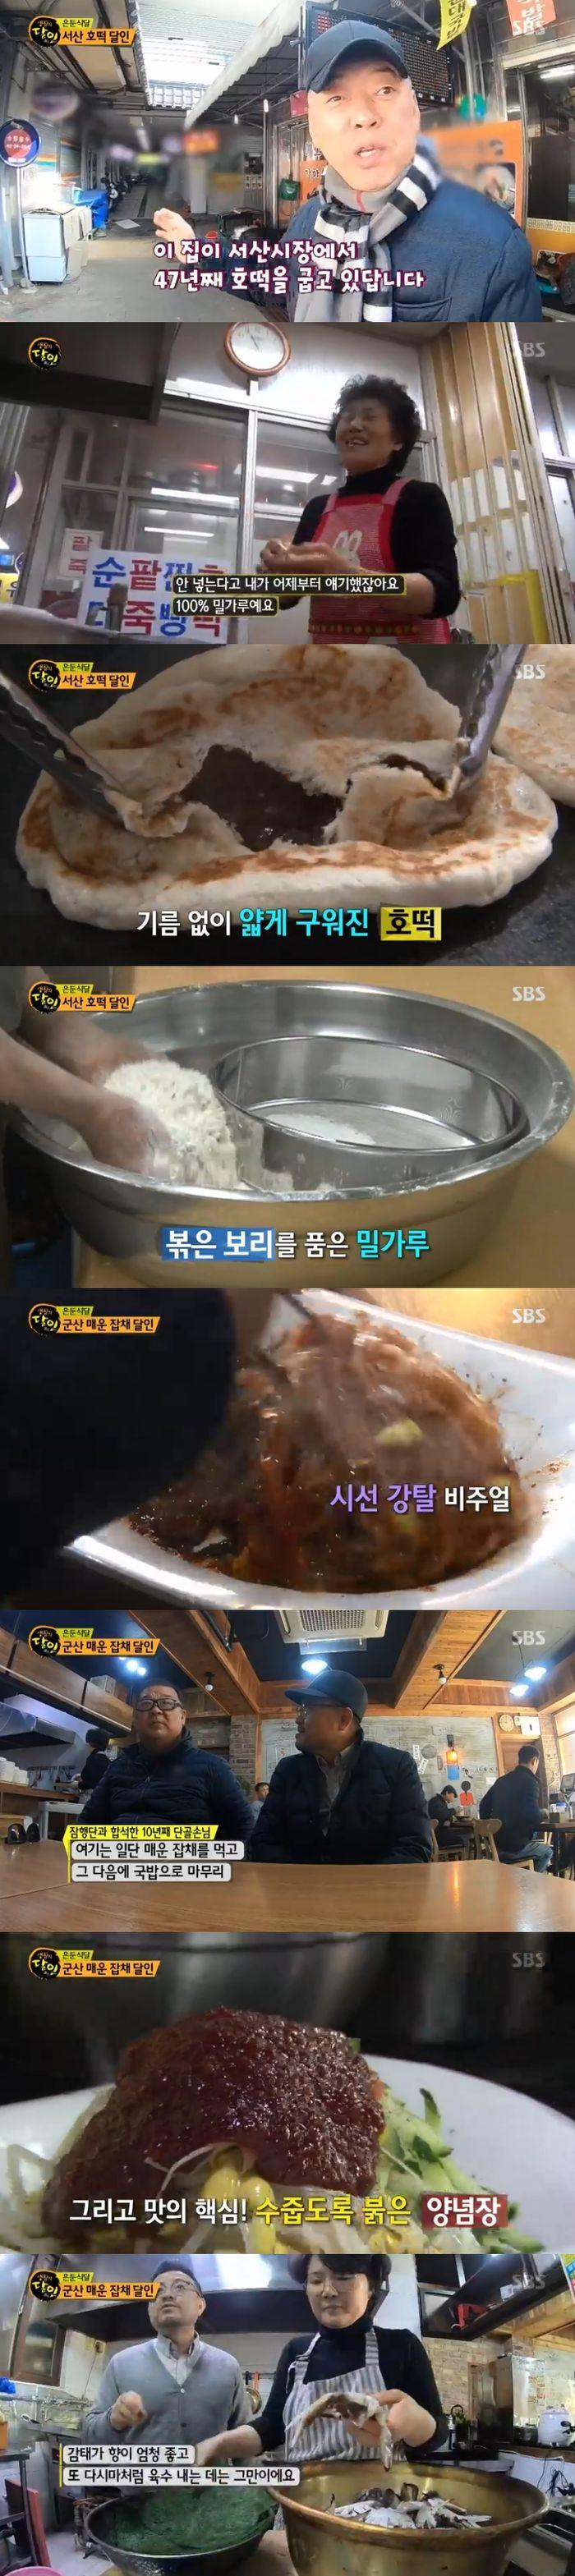 [스브스夜] '생활의 달인' 서산 호떡-군산 매운잡채…달인 만의 특별한 맛 비결 공개  기본이미지